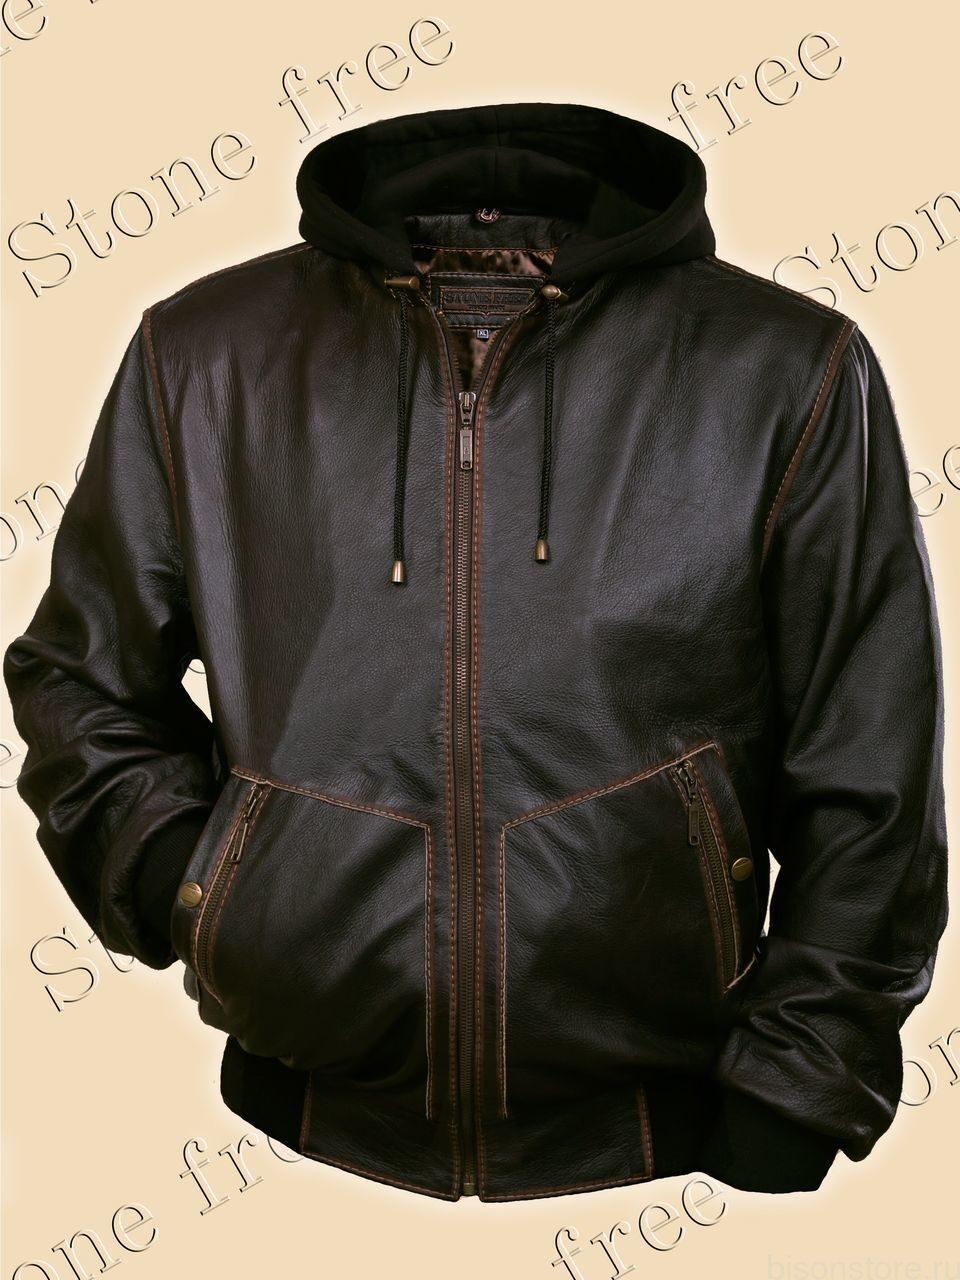 Купить Теплую Кожаную Куртку Мужскую Зимнюю С Капюшоном